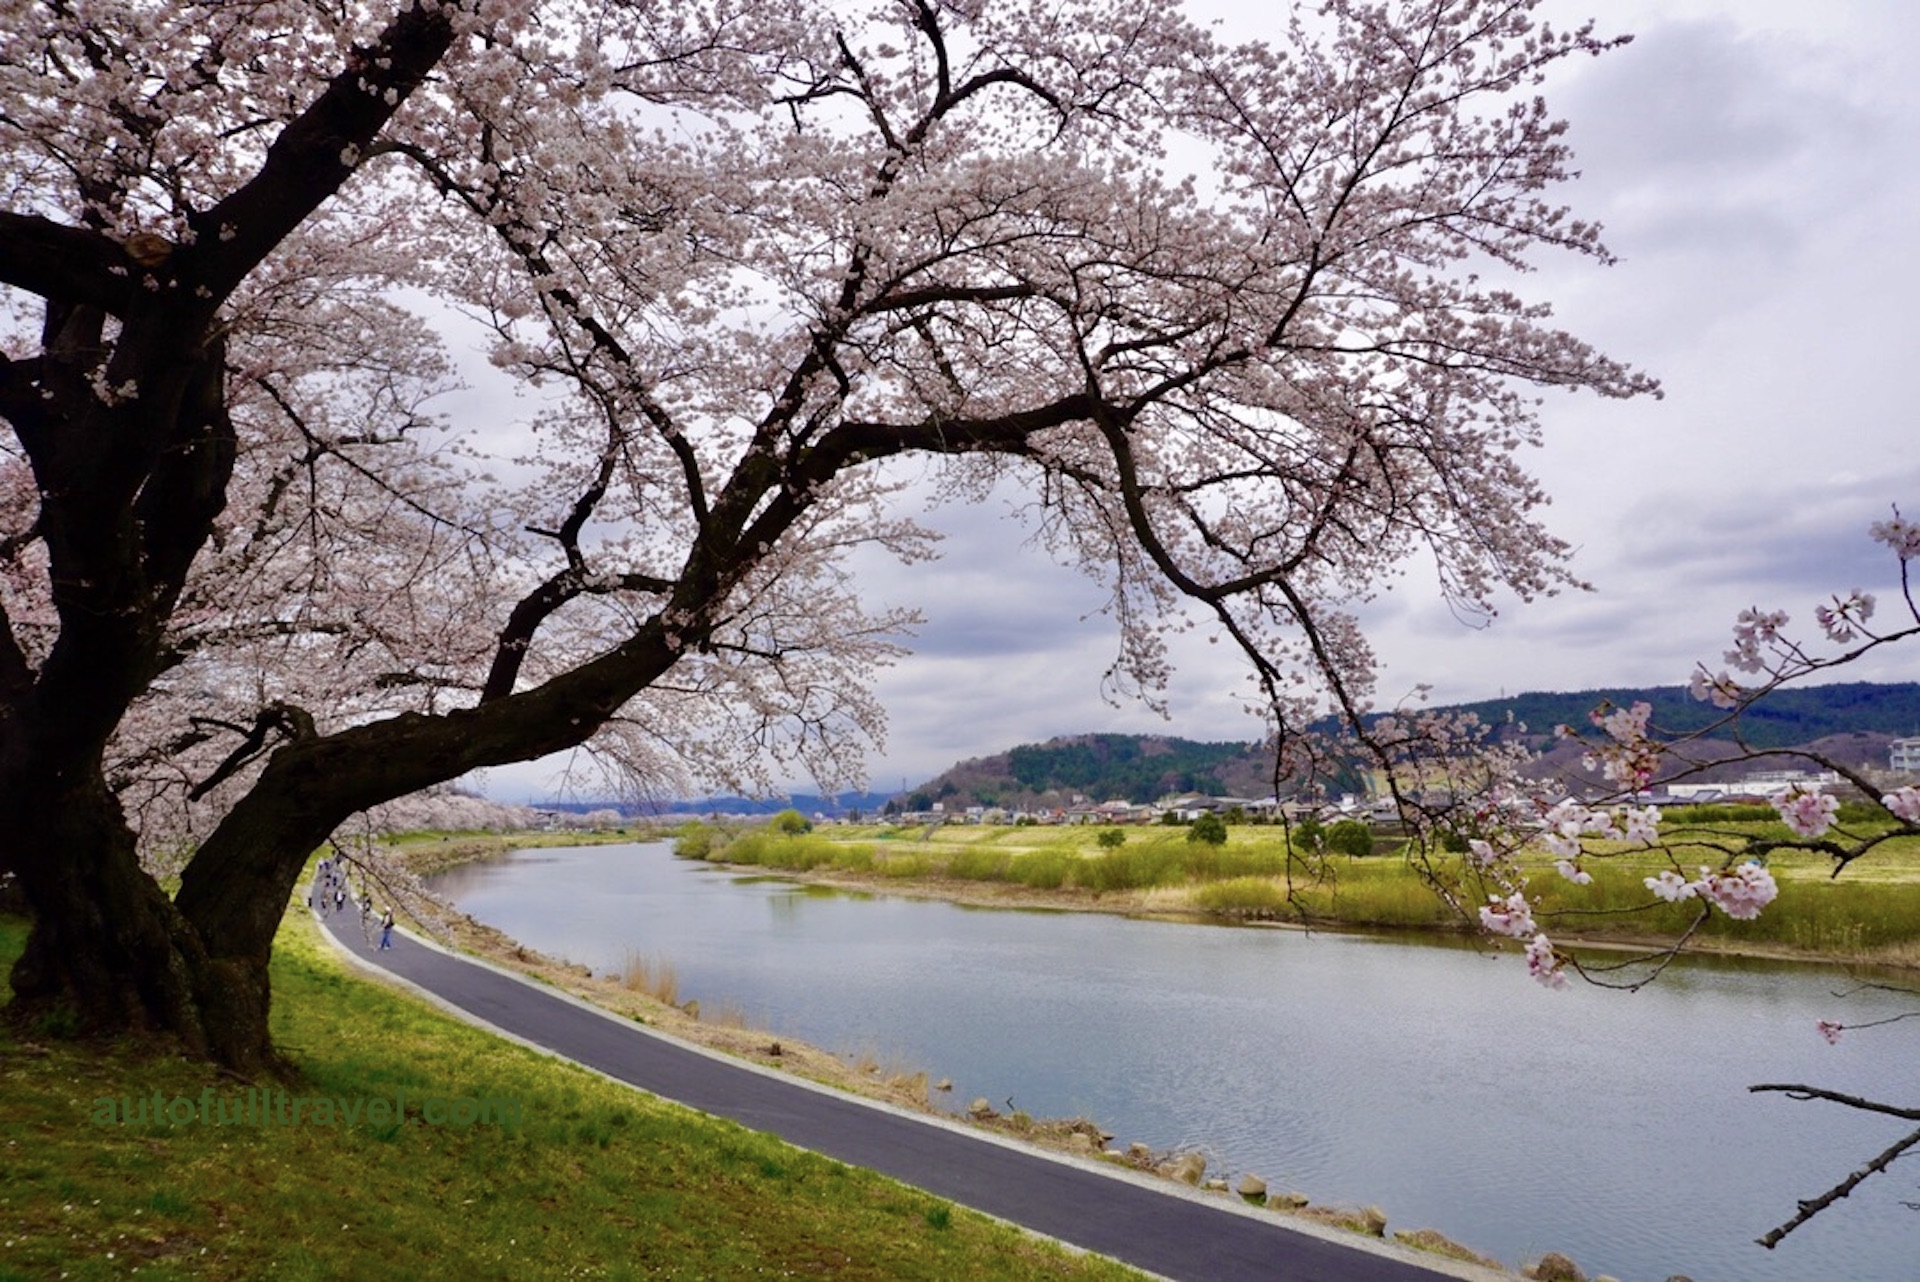 ชมซากุระ Shiroishi Riverside นั่งรถรางกราบไหว้เจ้าแม่กวนอิม ที่เซนได